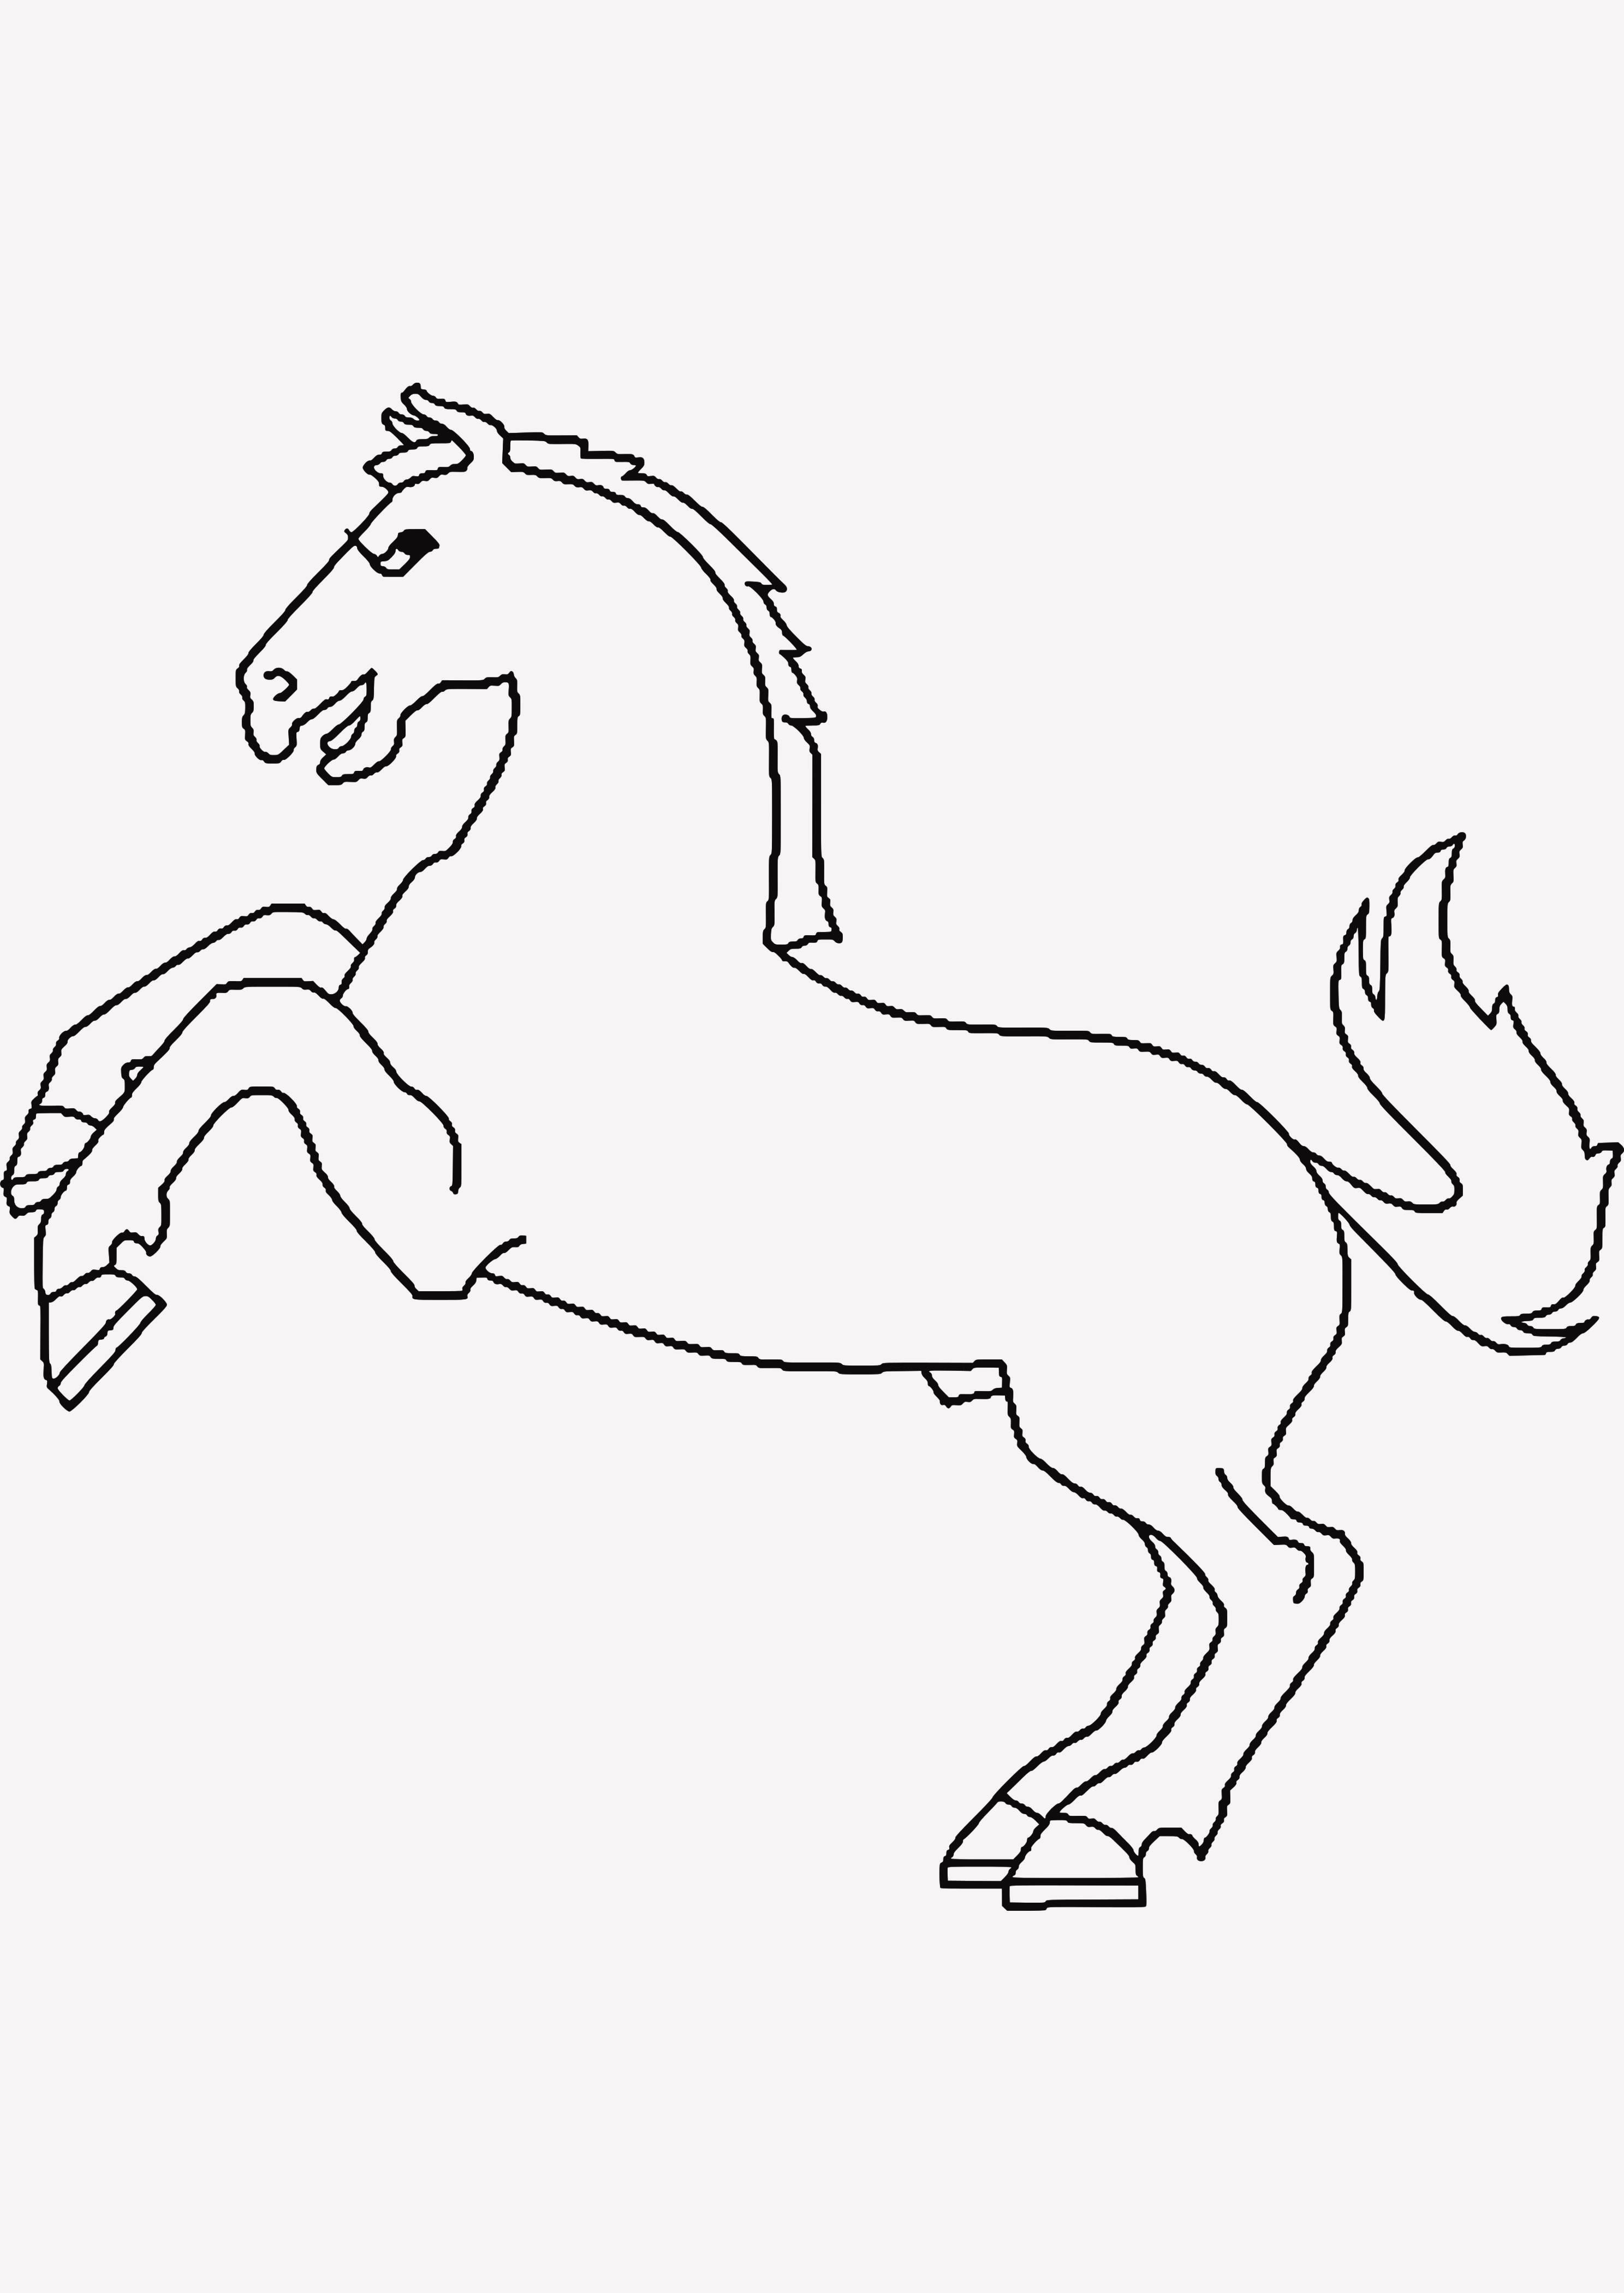 Pferde Ausmalbilder Horseland Das Beste Von 42 Neu Ausmalbilder Hunde Und Pferde Beste Malvorlage Bild